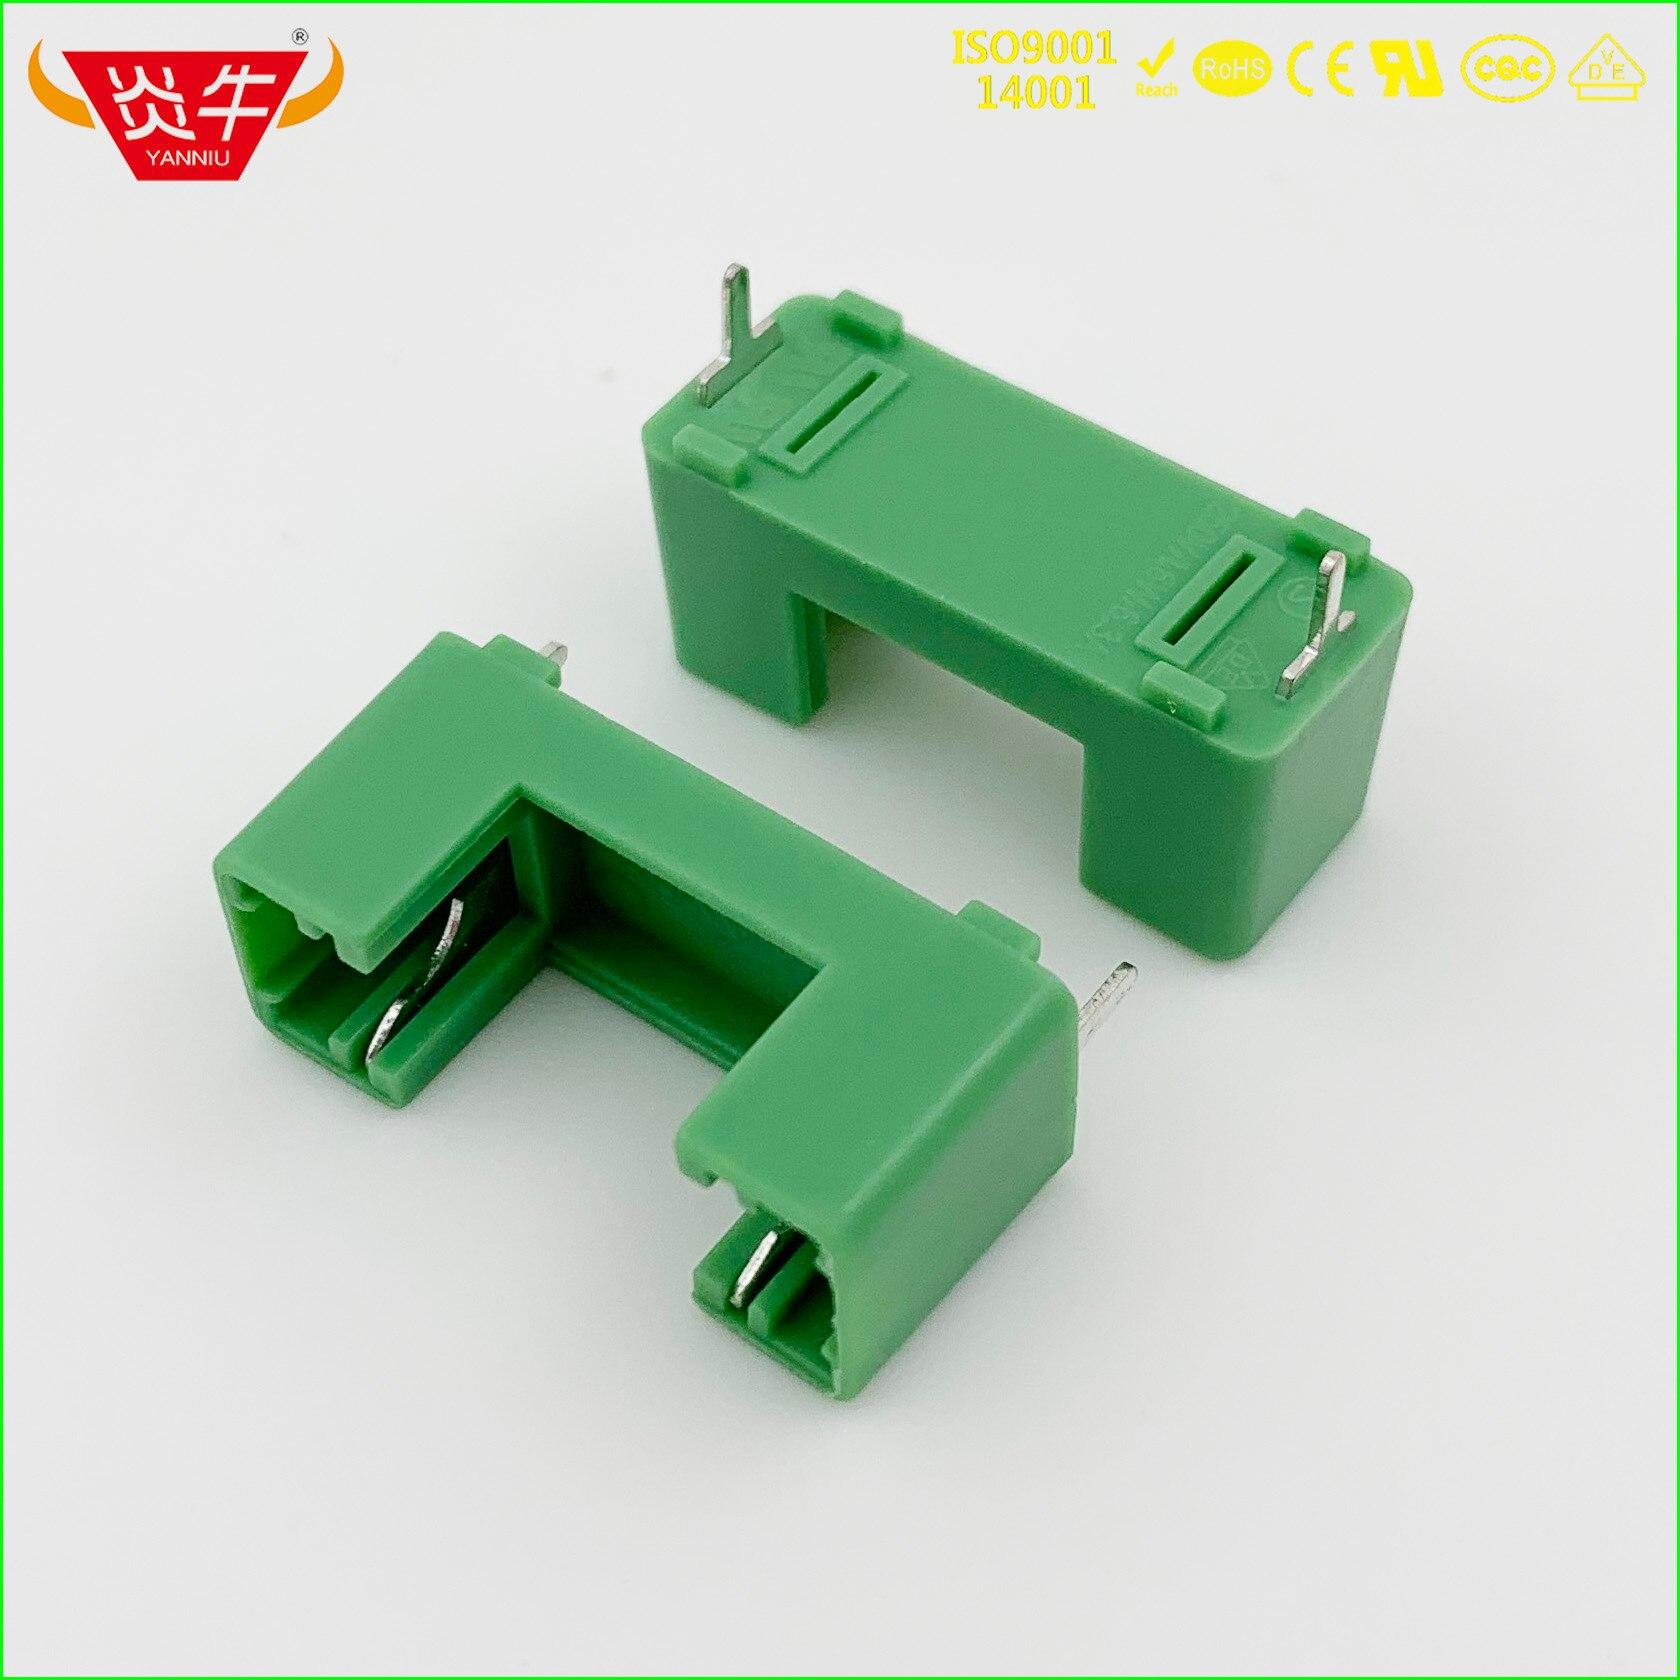 Conector PCB verde 5*20 fusible caja de enchufe protección ambiental ignífugo BLX-A tipo asiento de cable